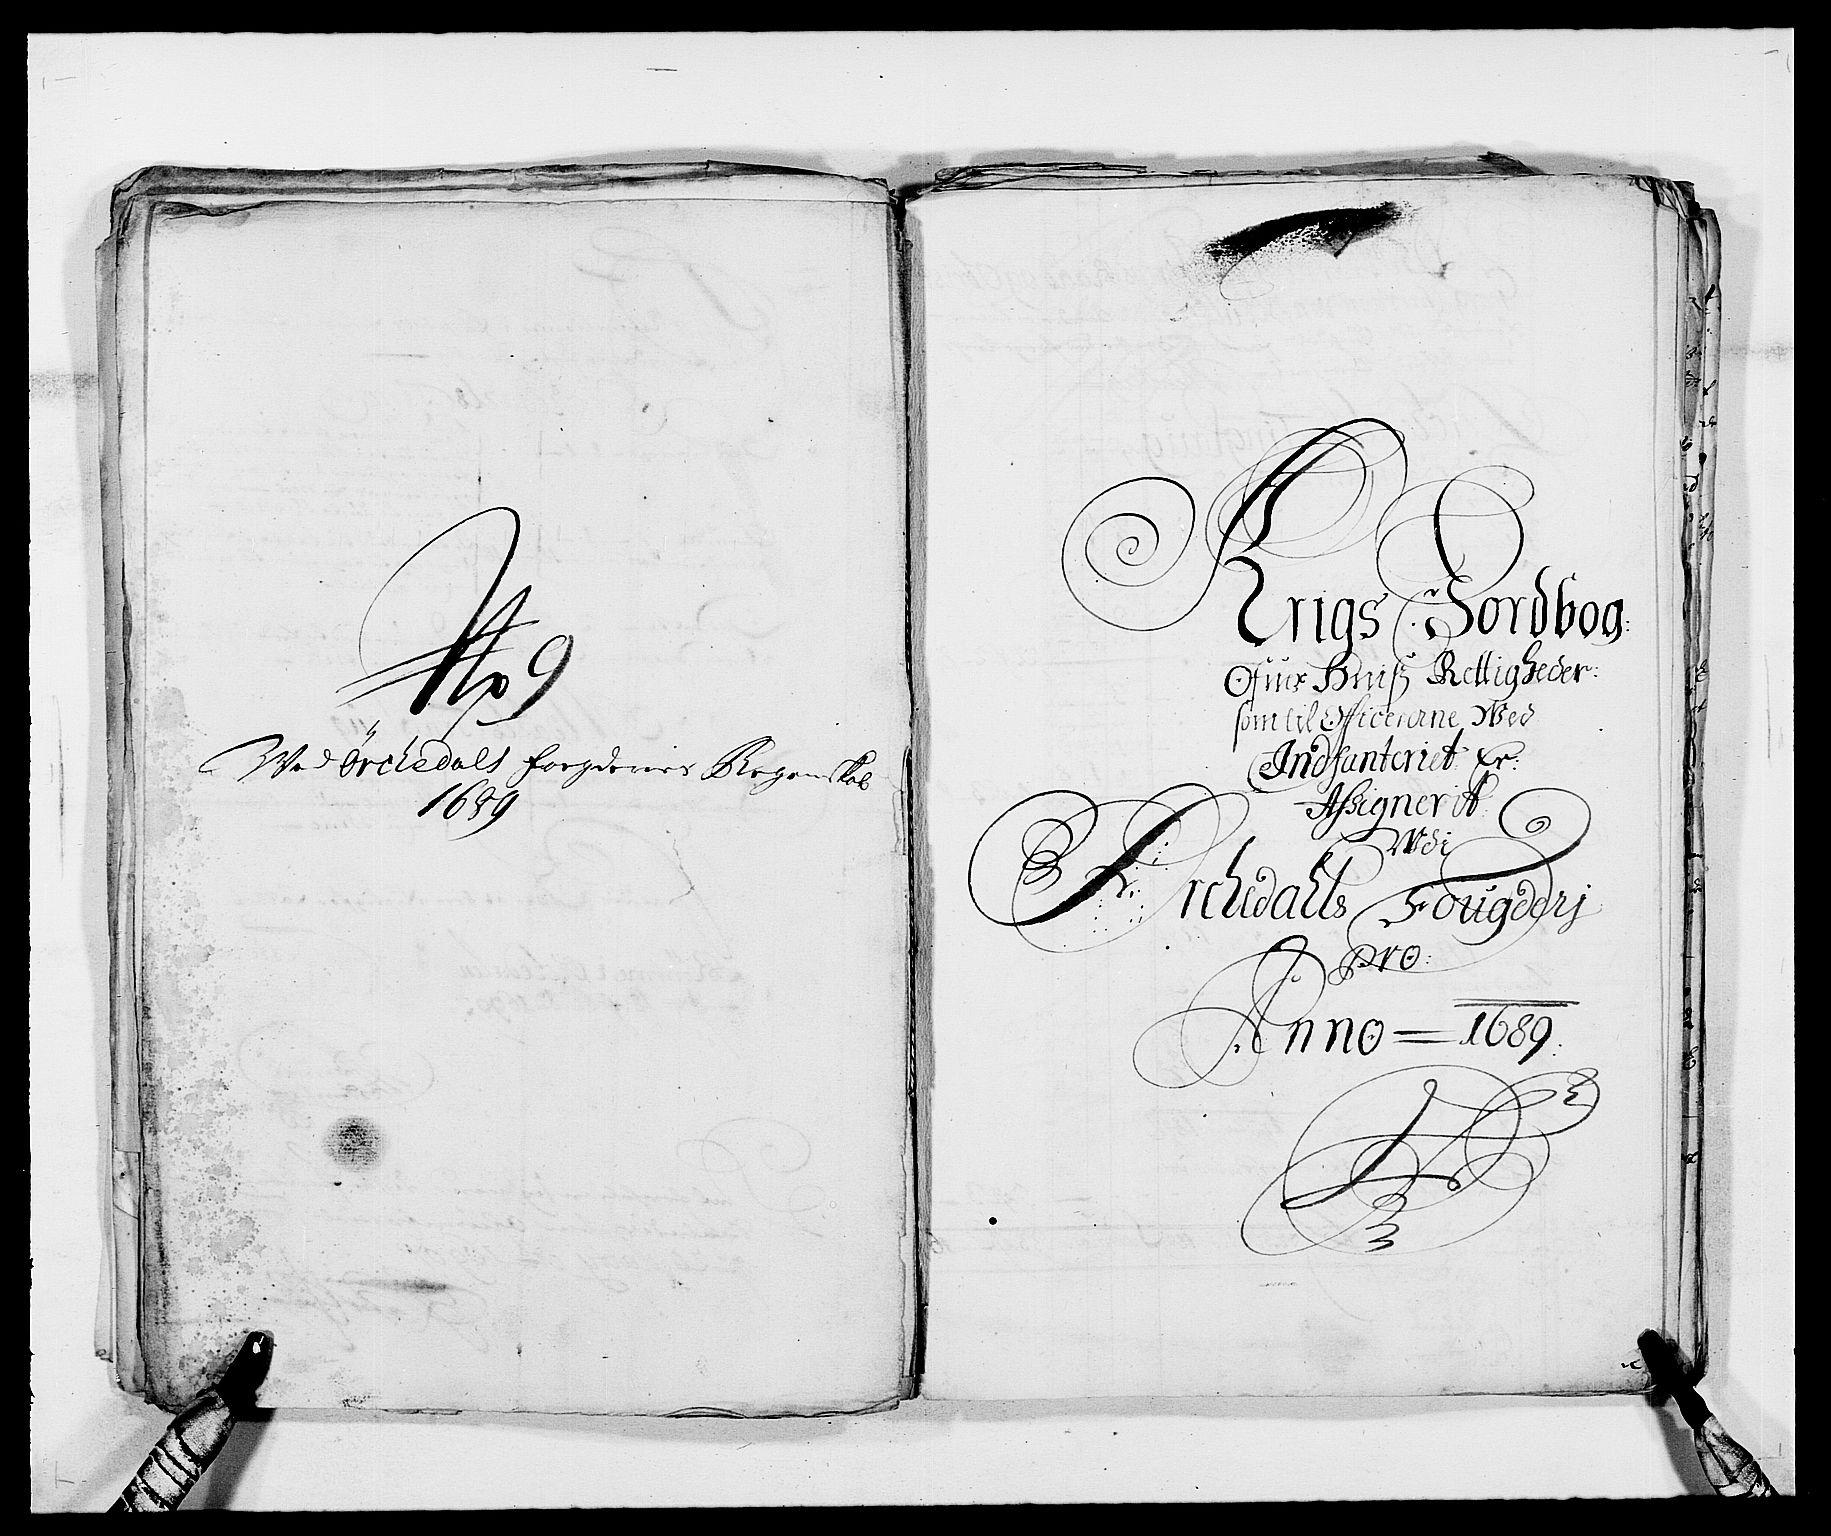 RA, Rentekammeret inntil 1814, Reviderte regnskaper, Fogderegnskap, R58/L3936: Fogderegnskap Orkdal, 1689-1690, s. 195